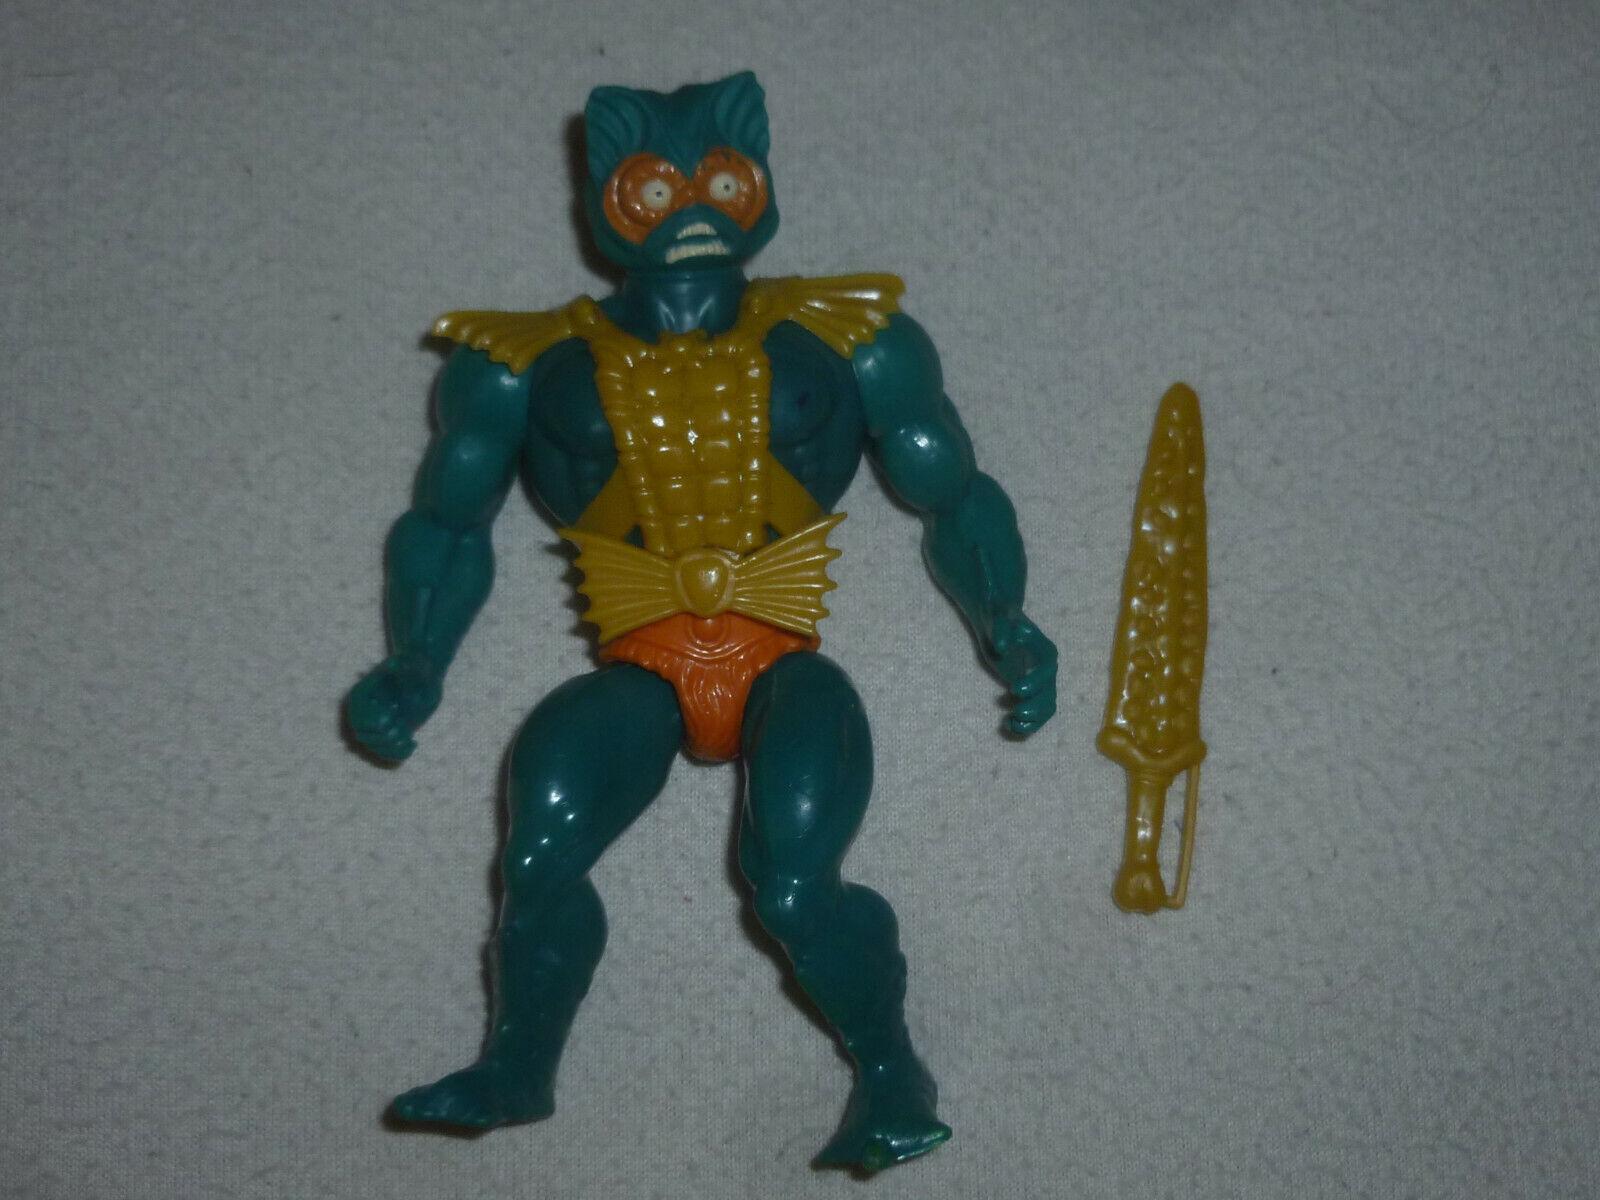 Vintage Figura De Acción Amos del universo Merman Heman 1981 Mattel Masters Universo Completa